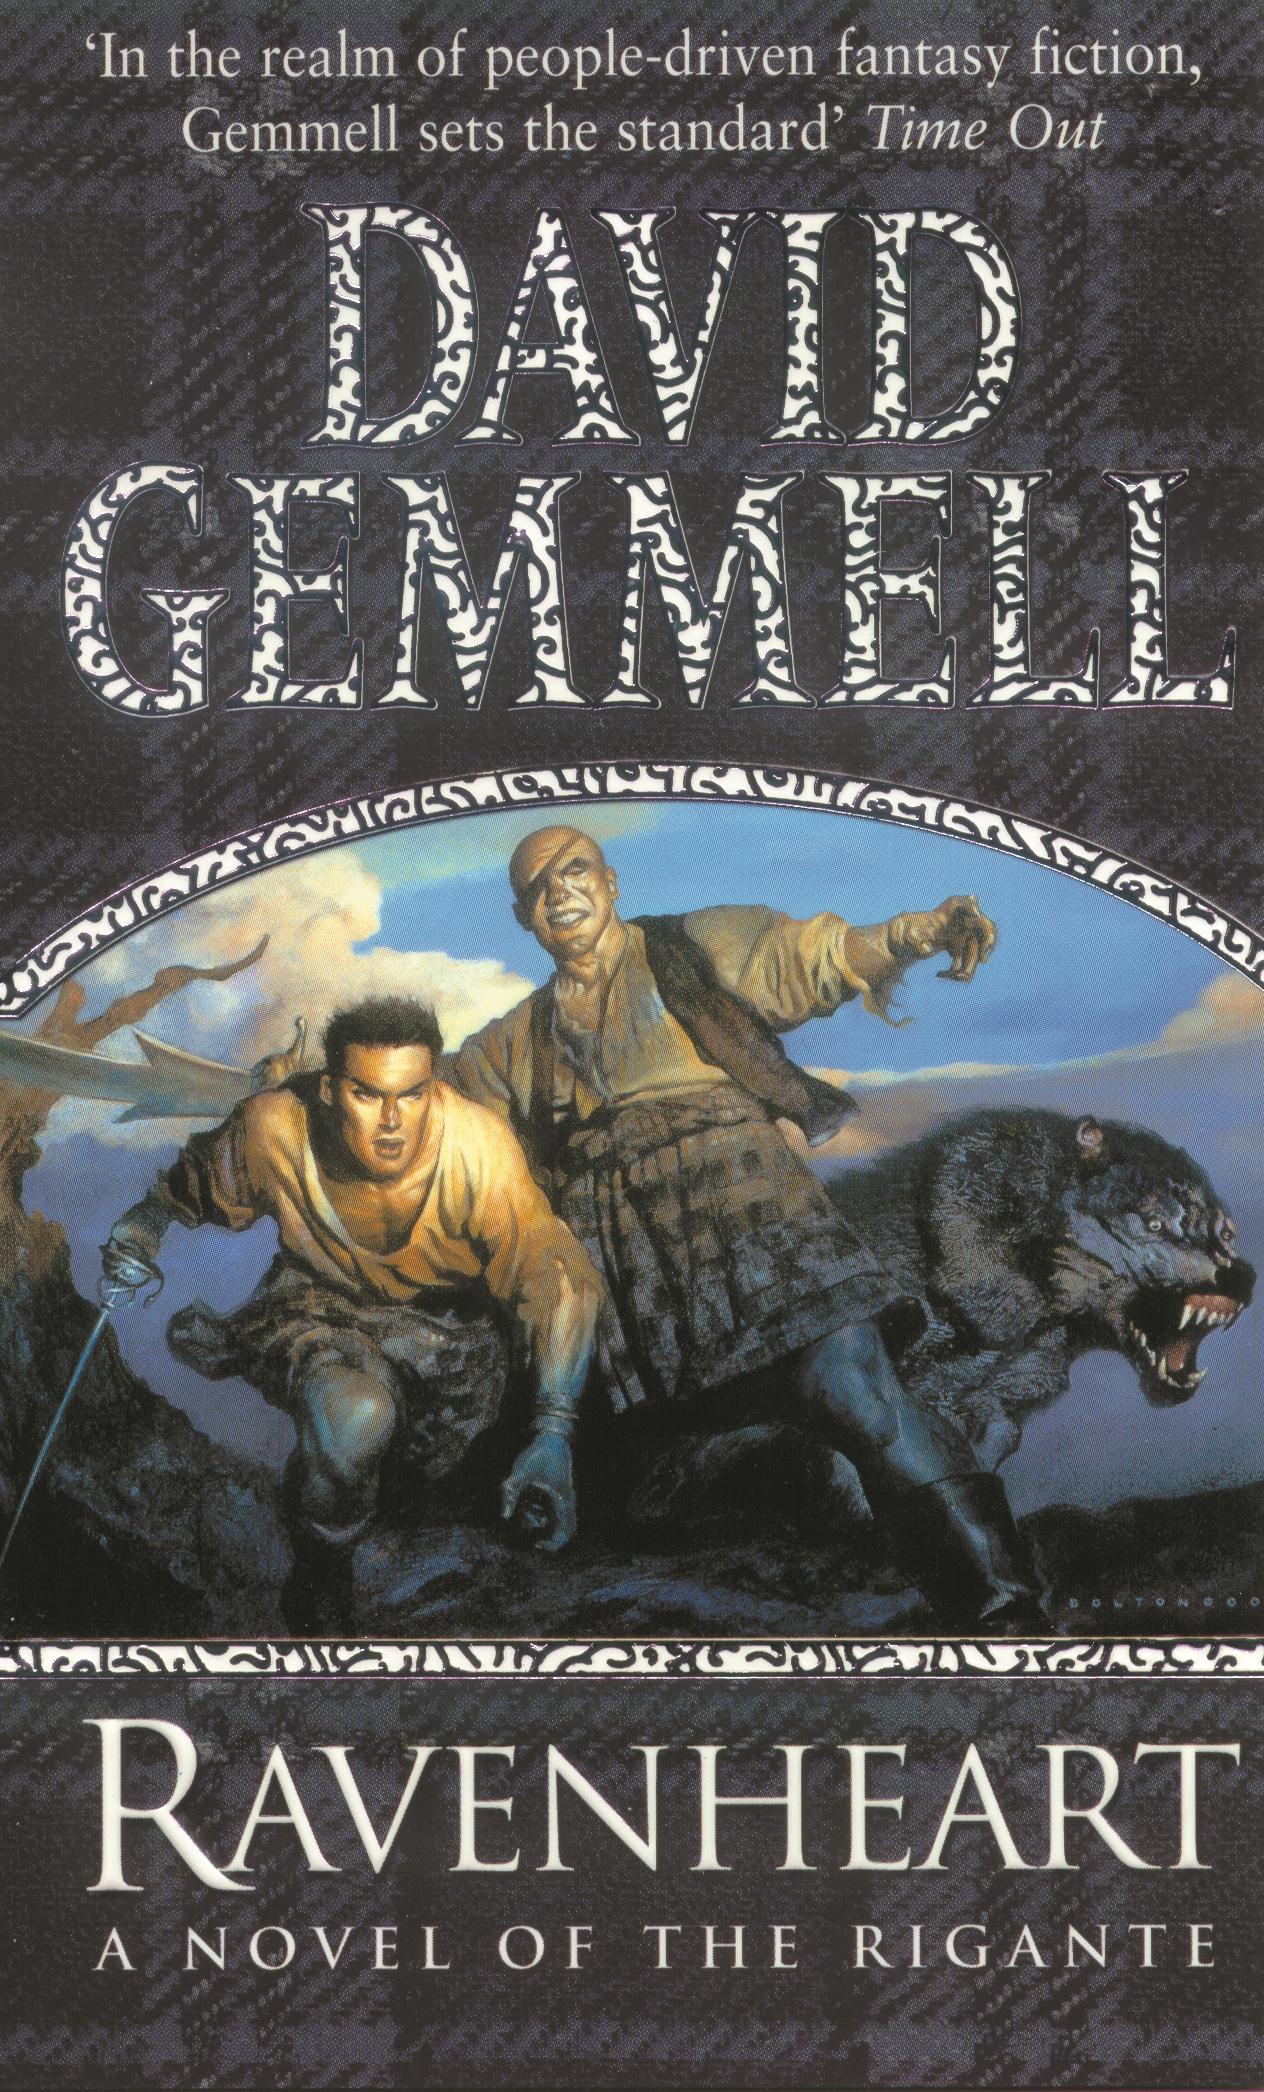 David Gemmell Book Cover Art : Ravenheart a novel of the rigante by david gemmell